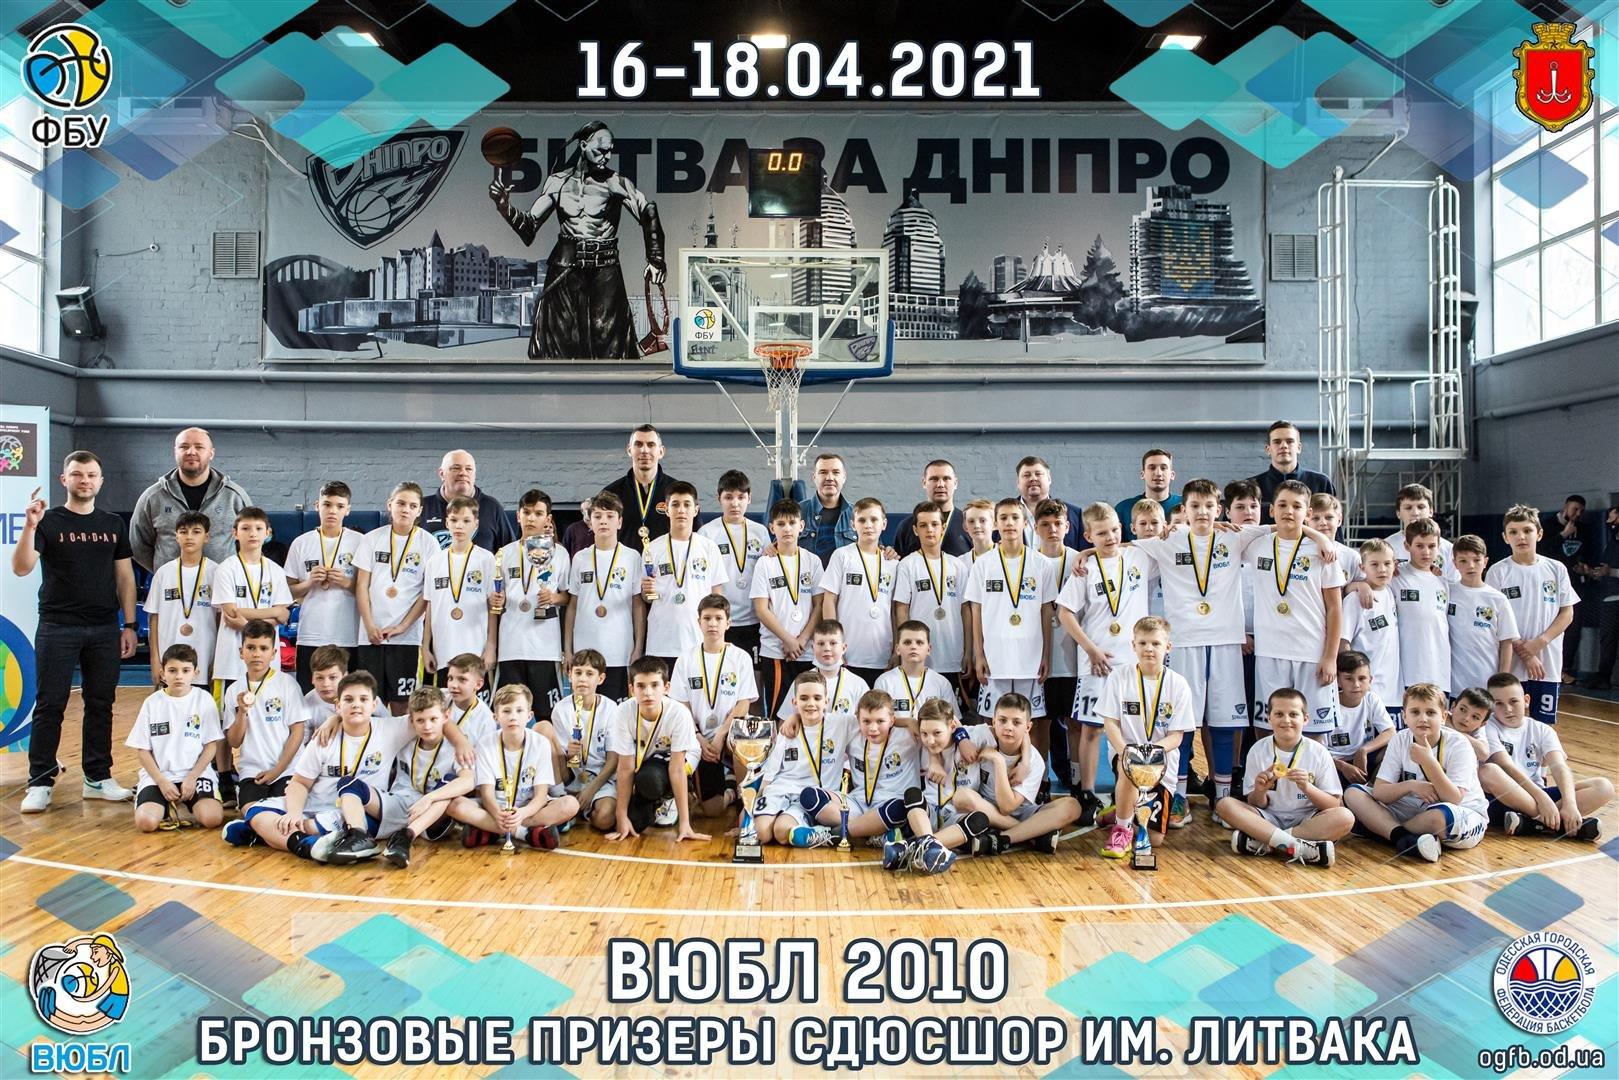 16-18.04.2021 Бронзовые призеры ВЮБЛ 2010 СДЮСШОР им. Литвака